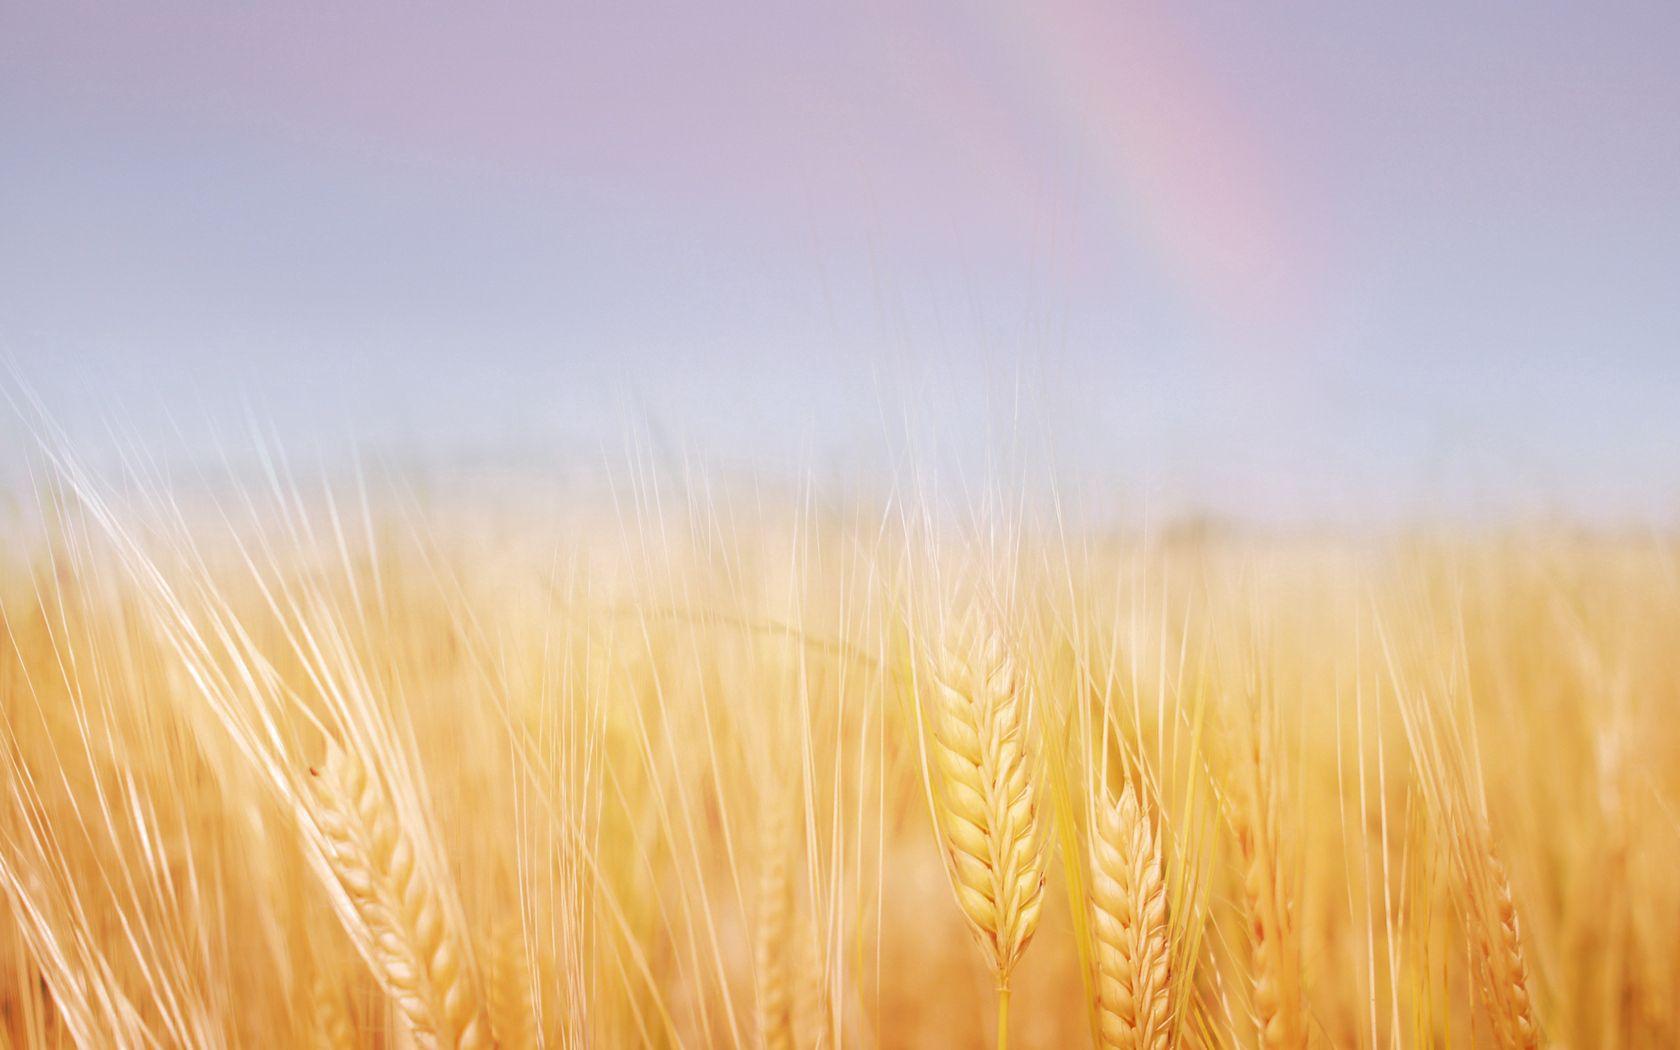 133314 скачать обои Природа, Колосья, Поле, Золотая, Небо, Радуга, Пшеница - заставки и картинки бесплатно